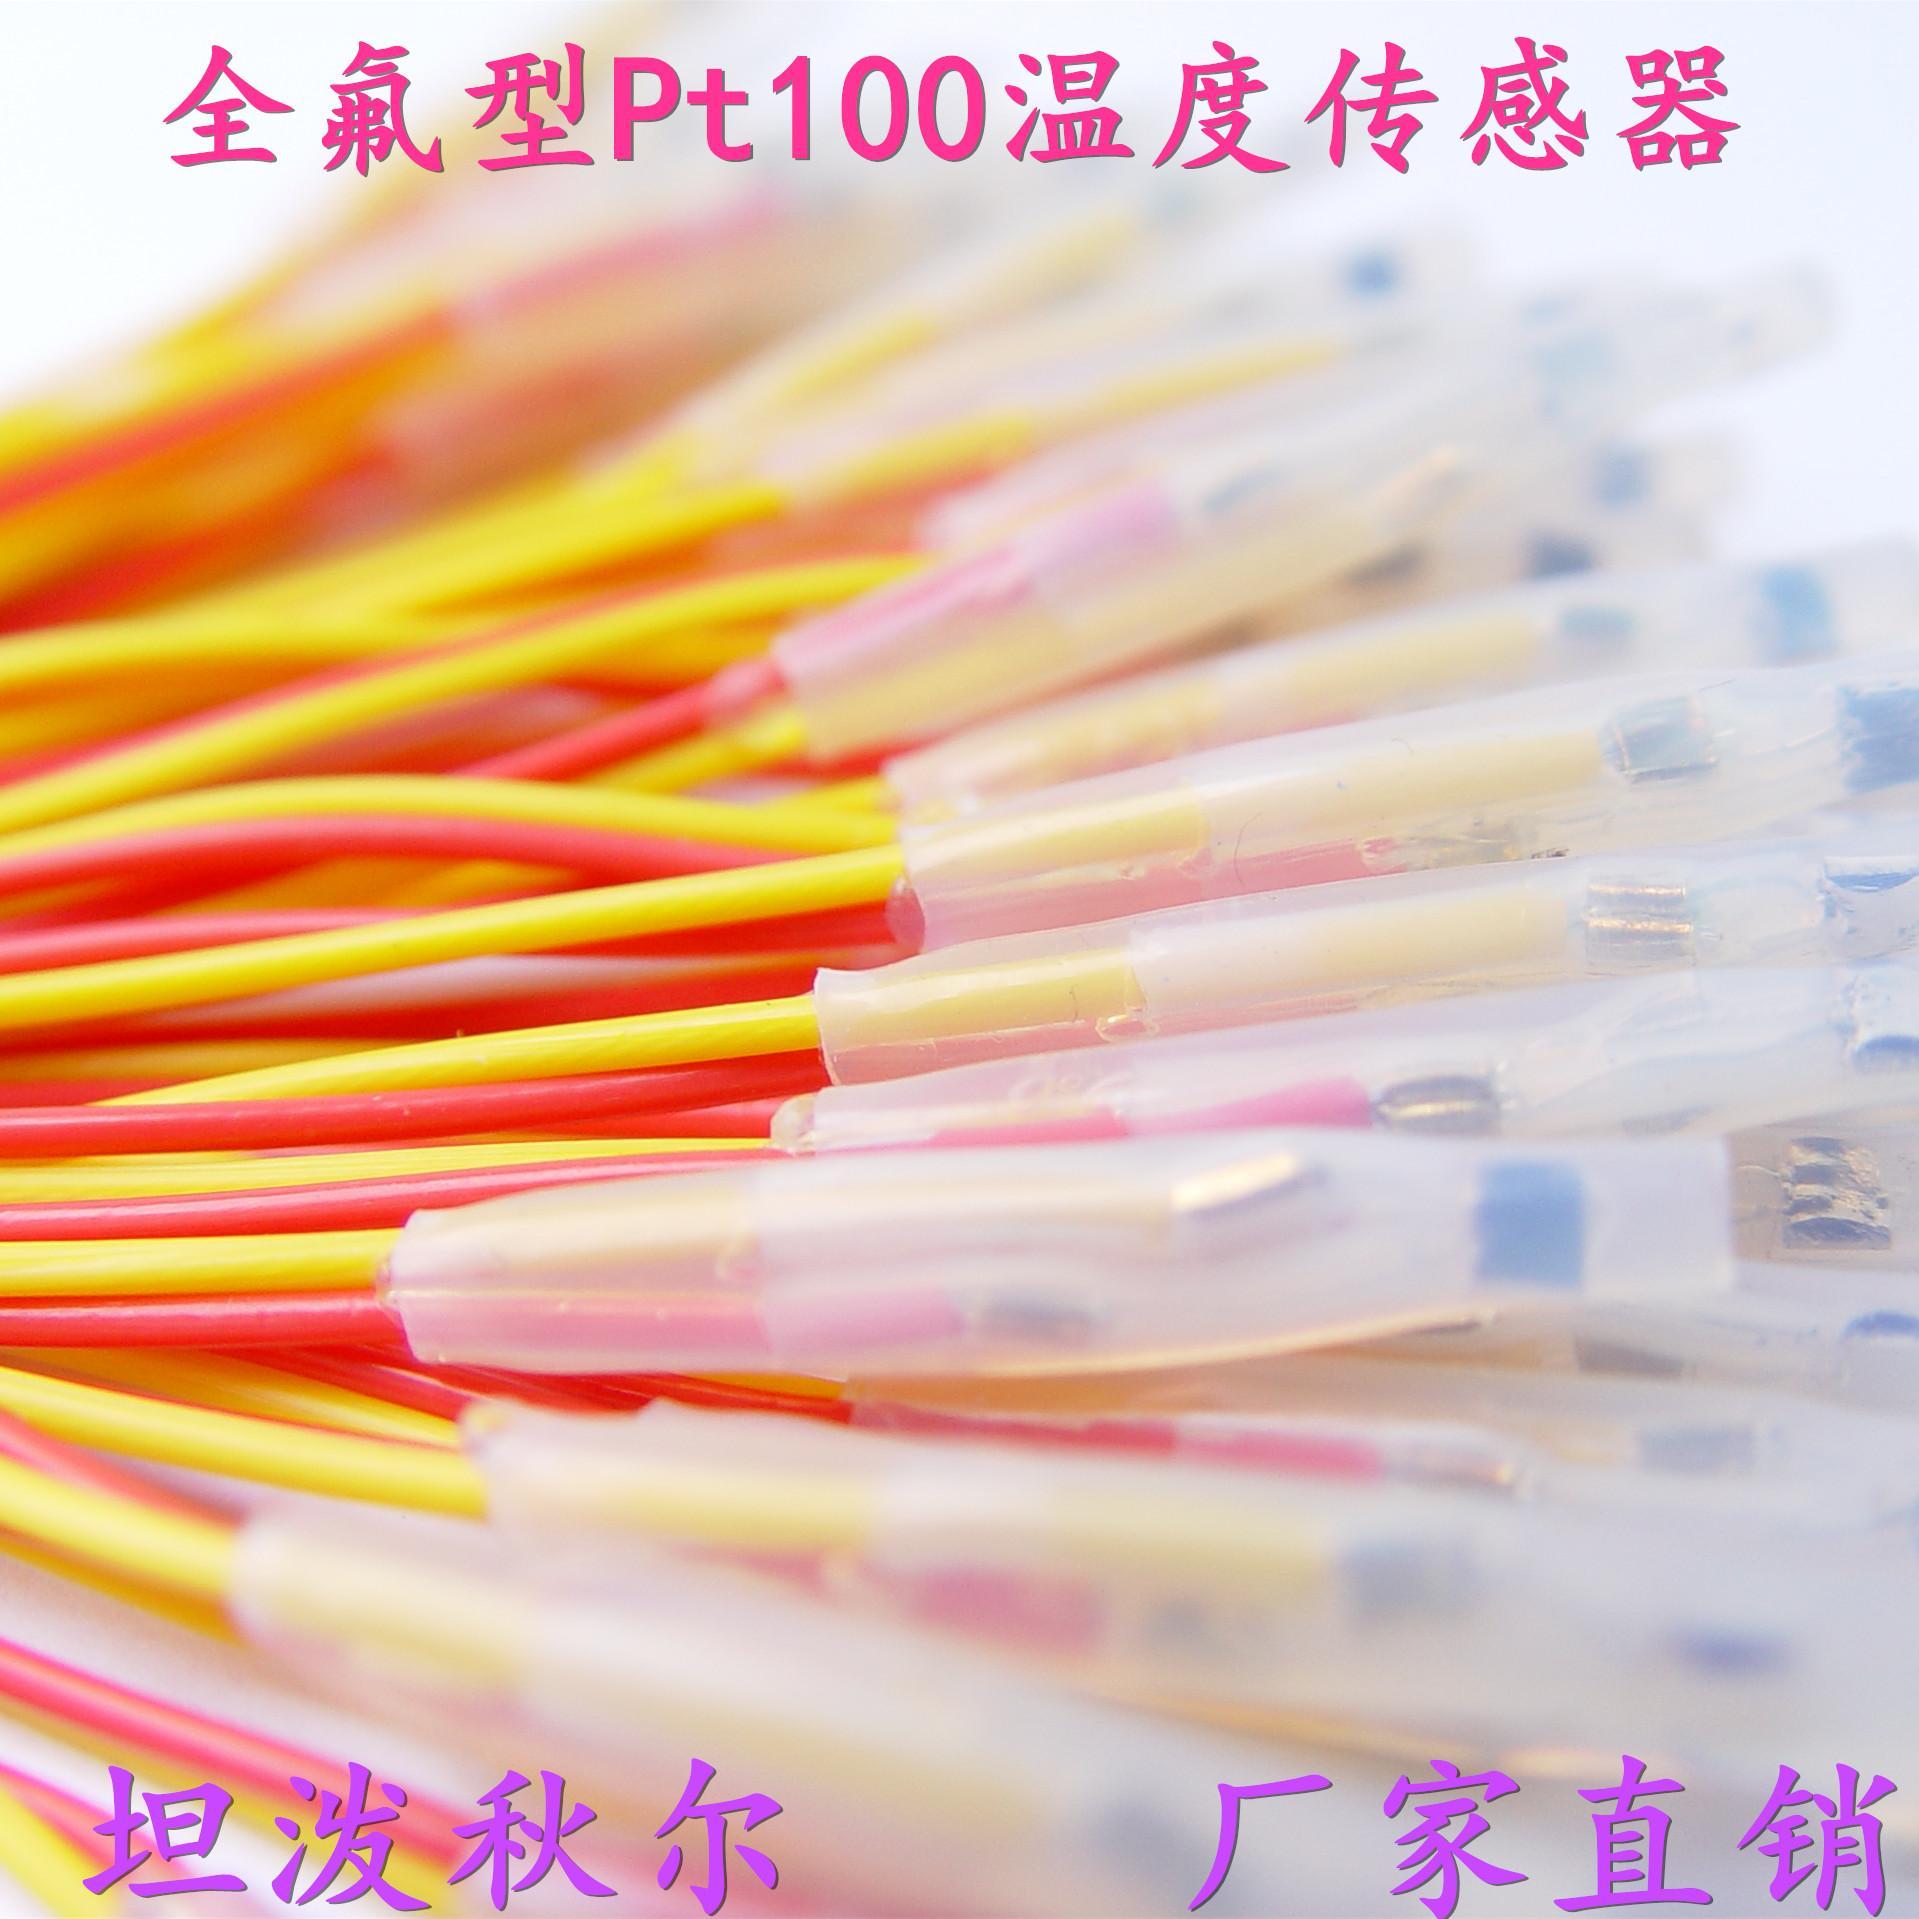 汽车驱动电机测温专用PT100温度传感器厂家定制 1